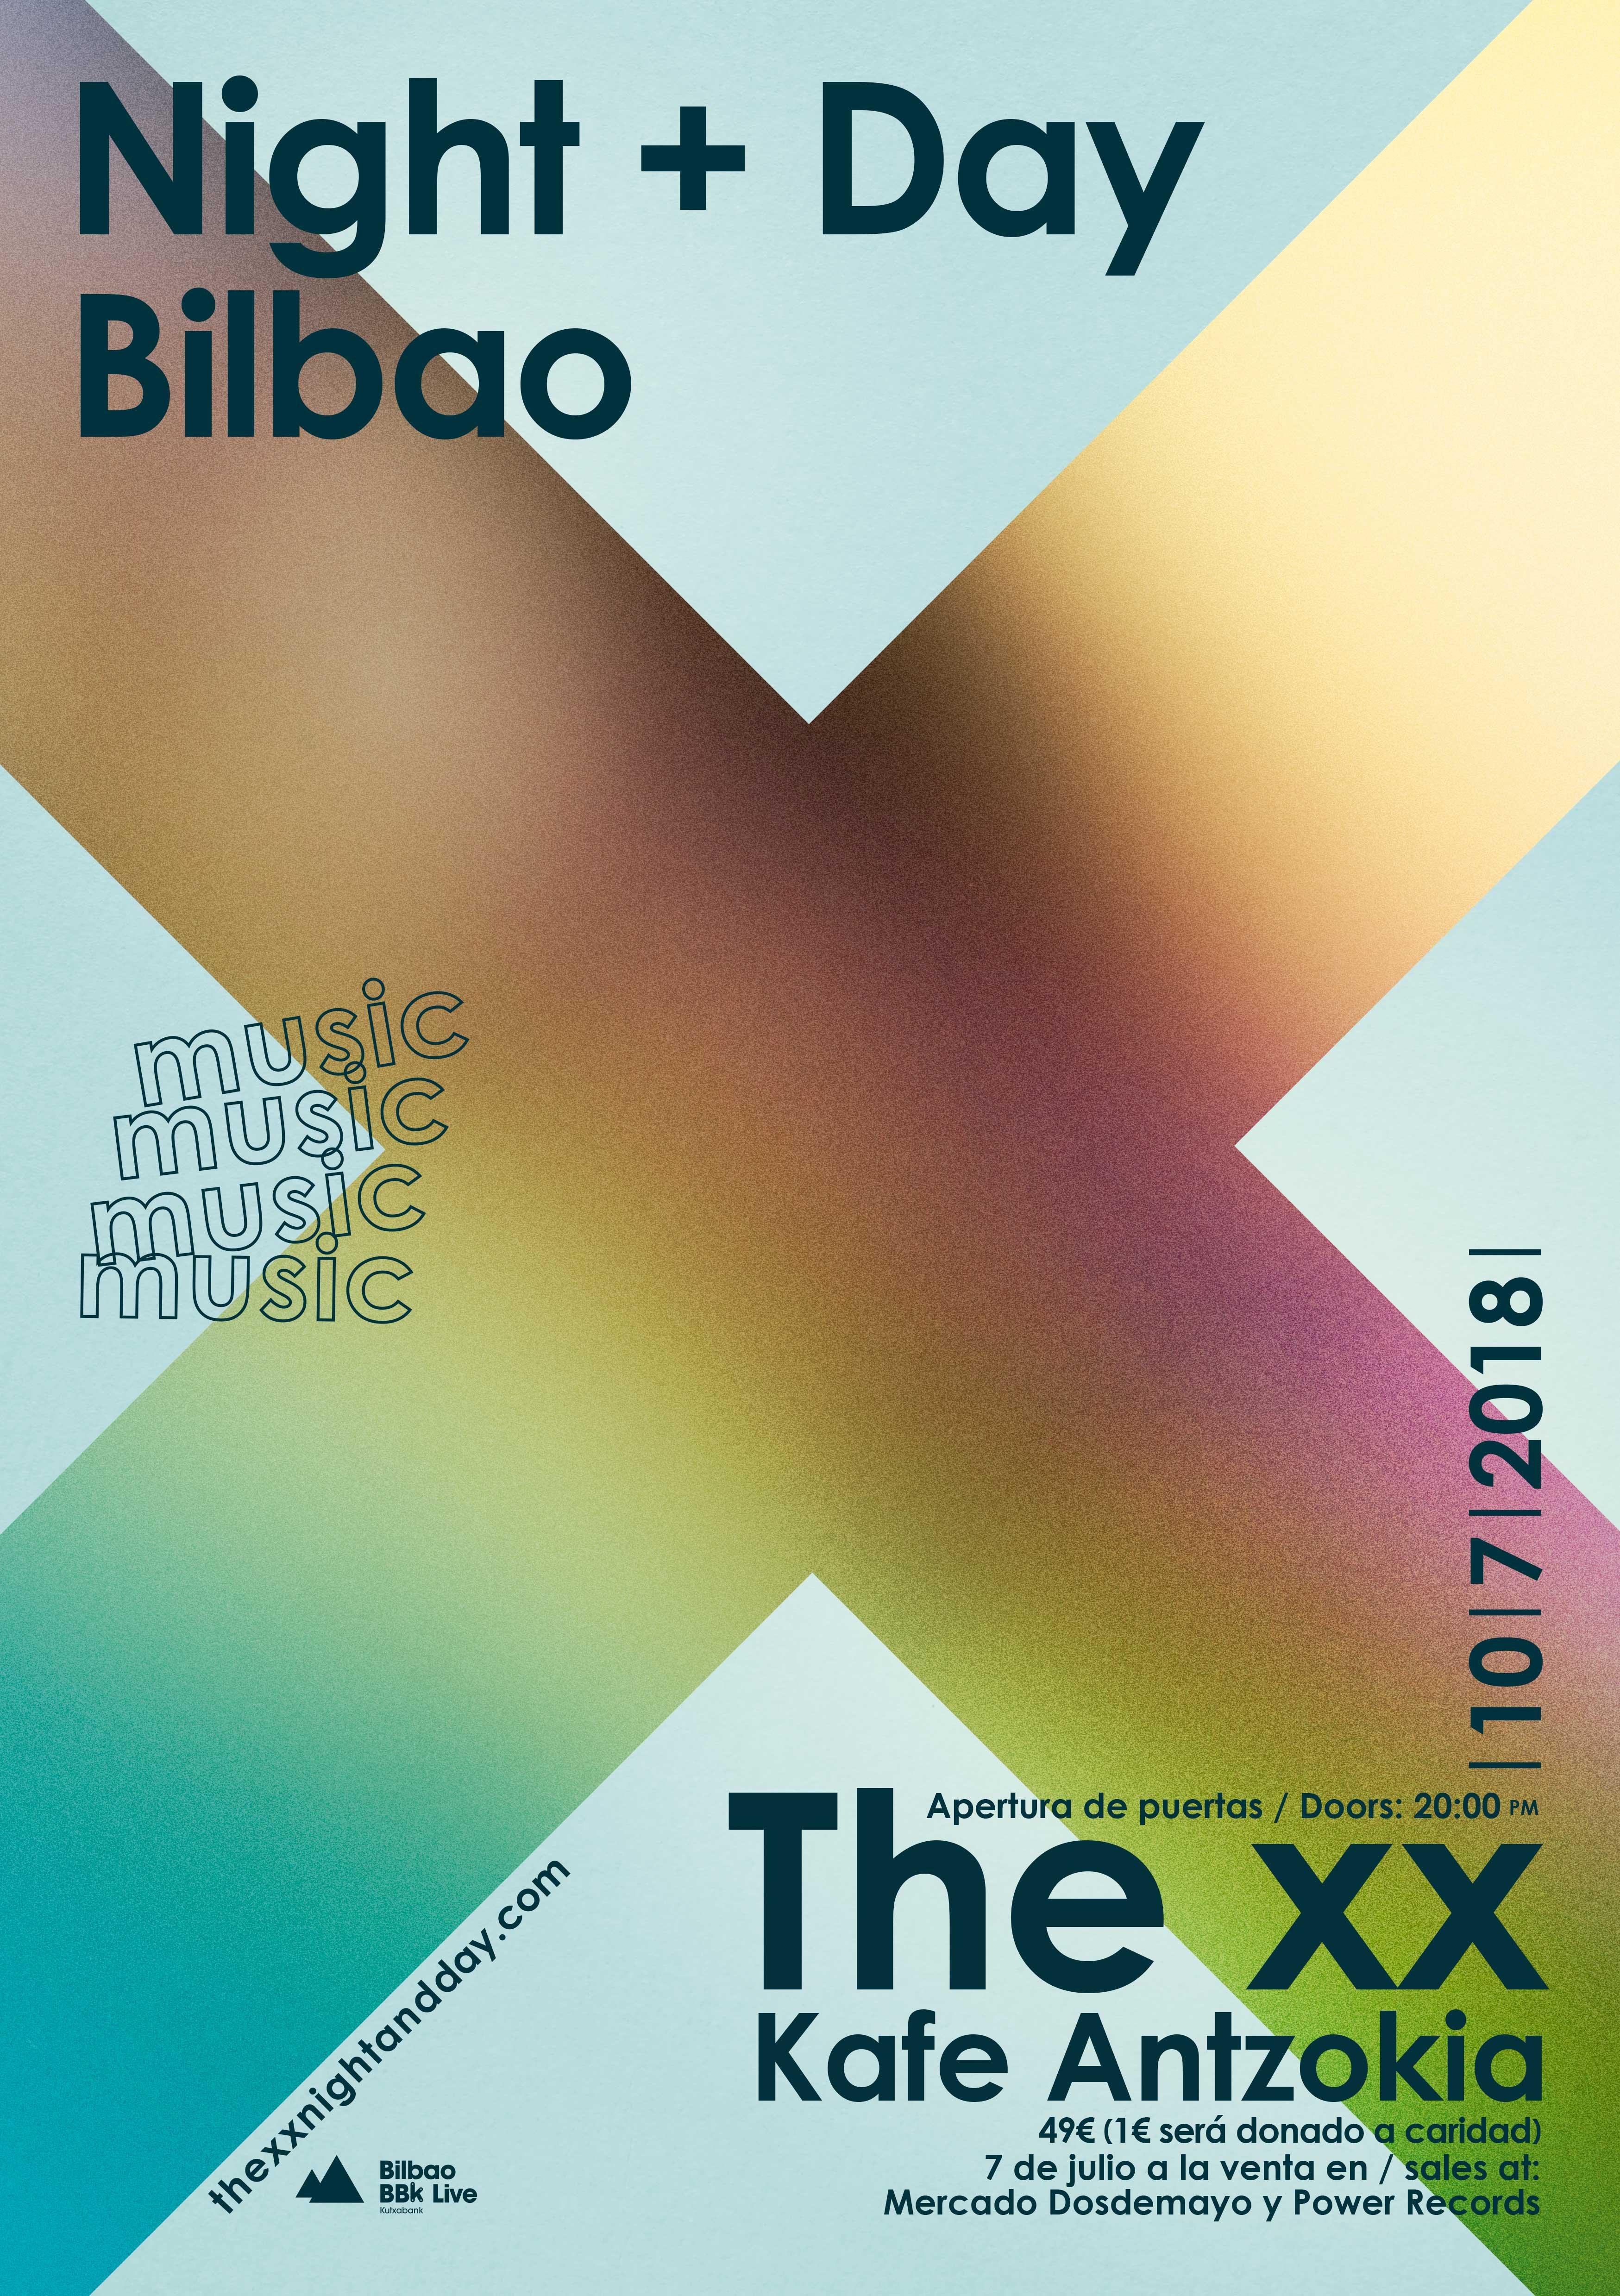 the xx concierto bilbao kafe antzokia